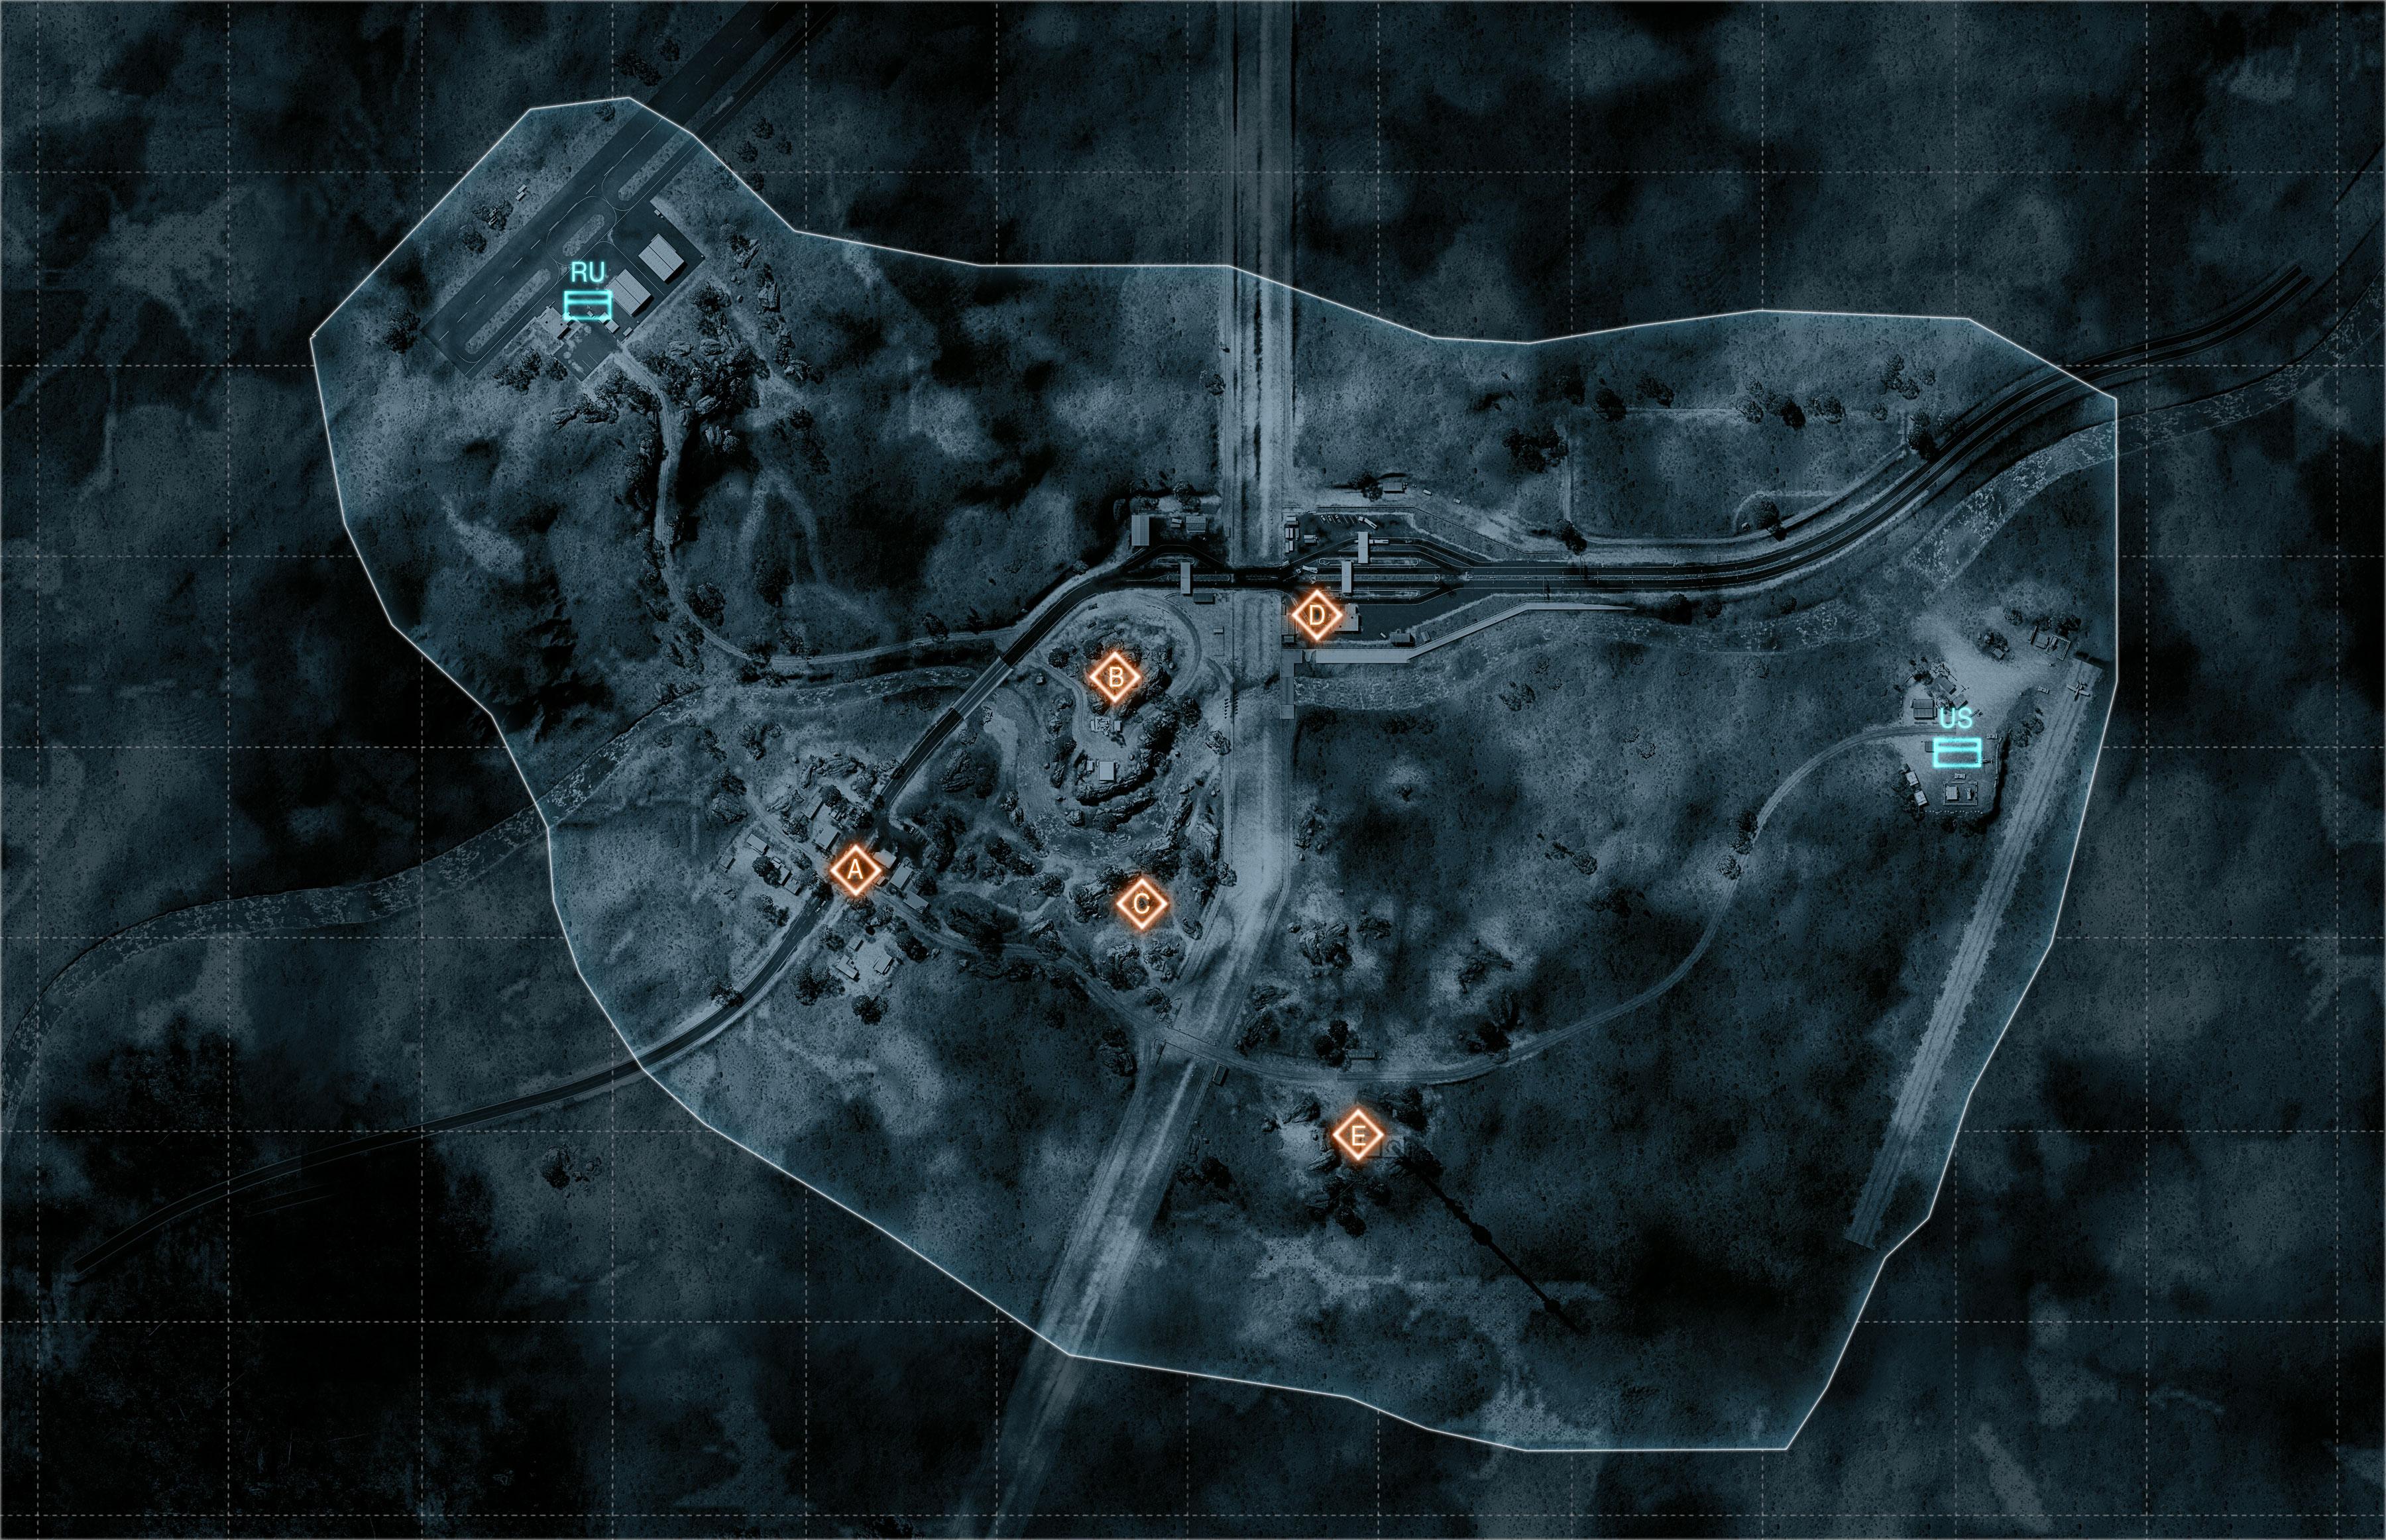 Battlefield 3 - Screenshot 3